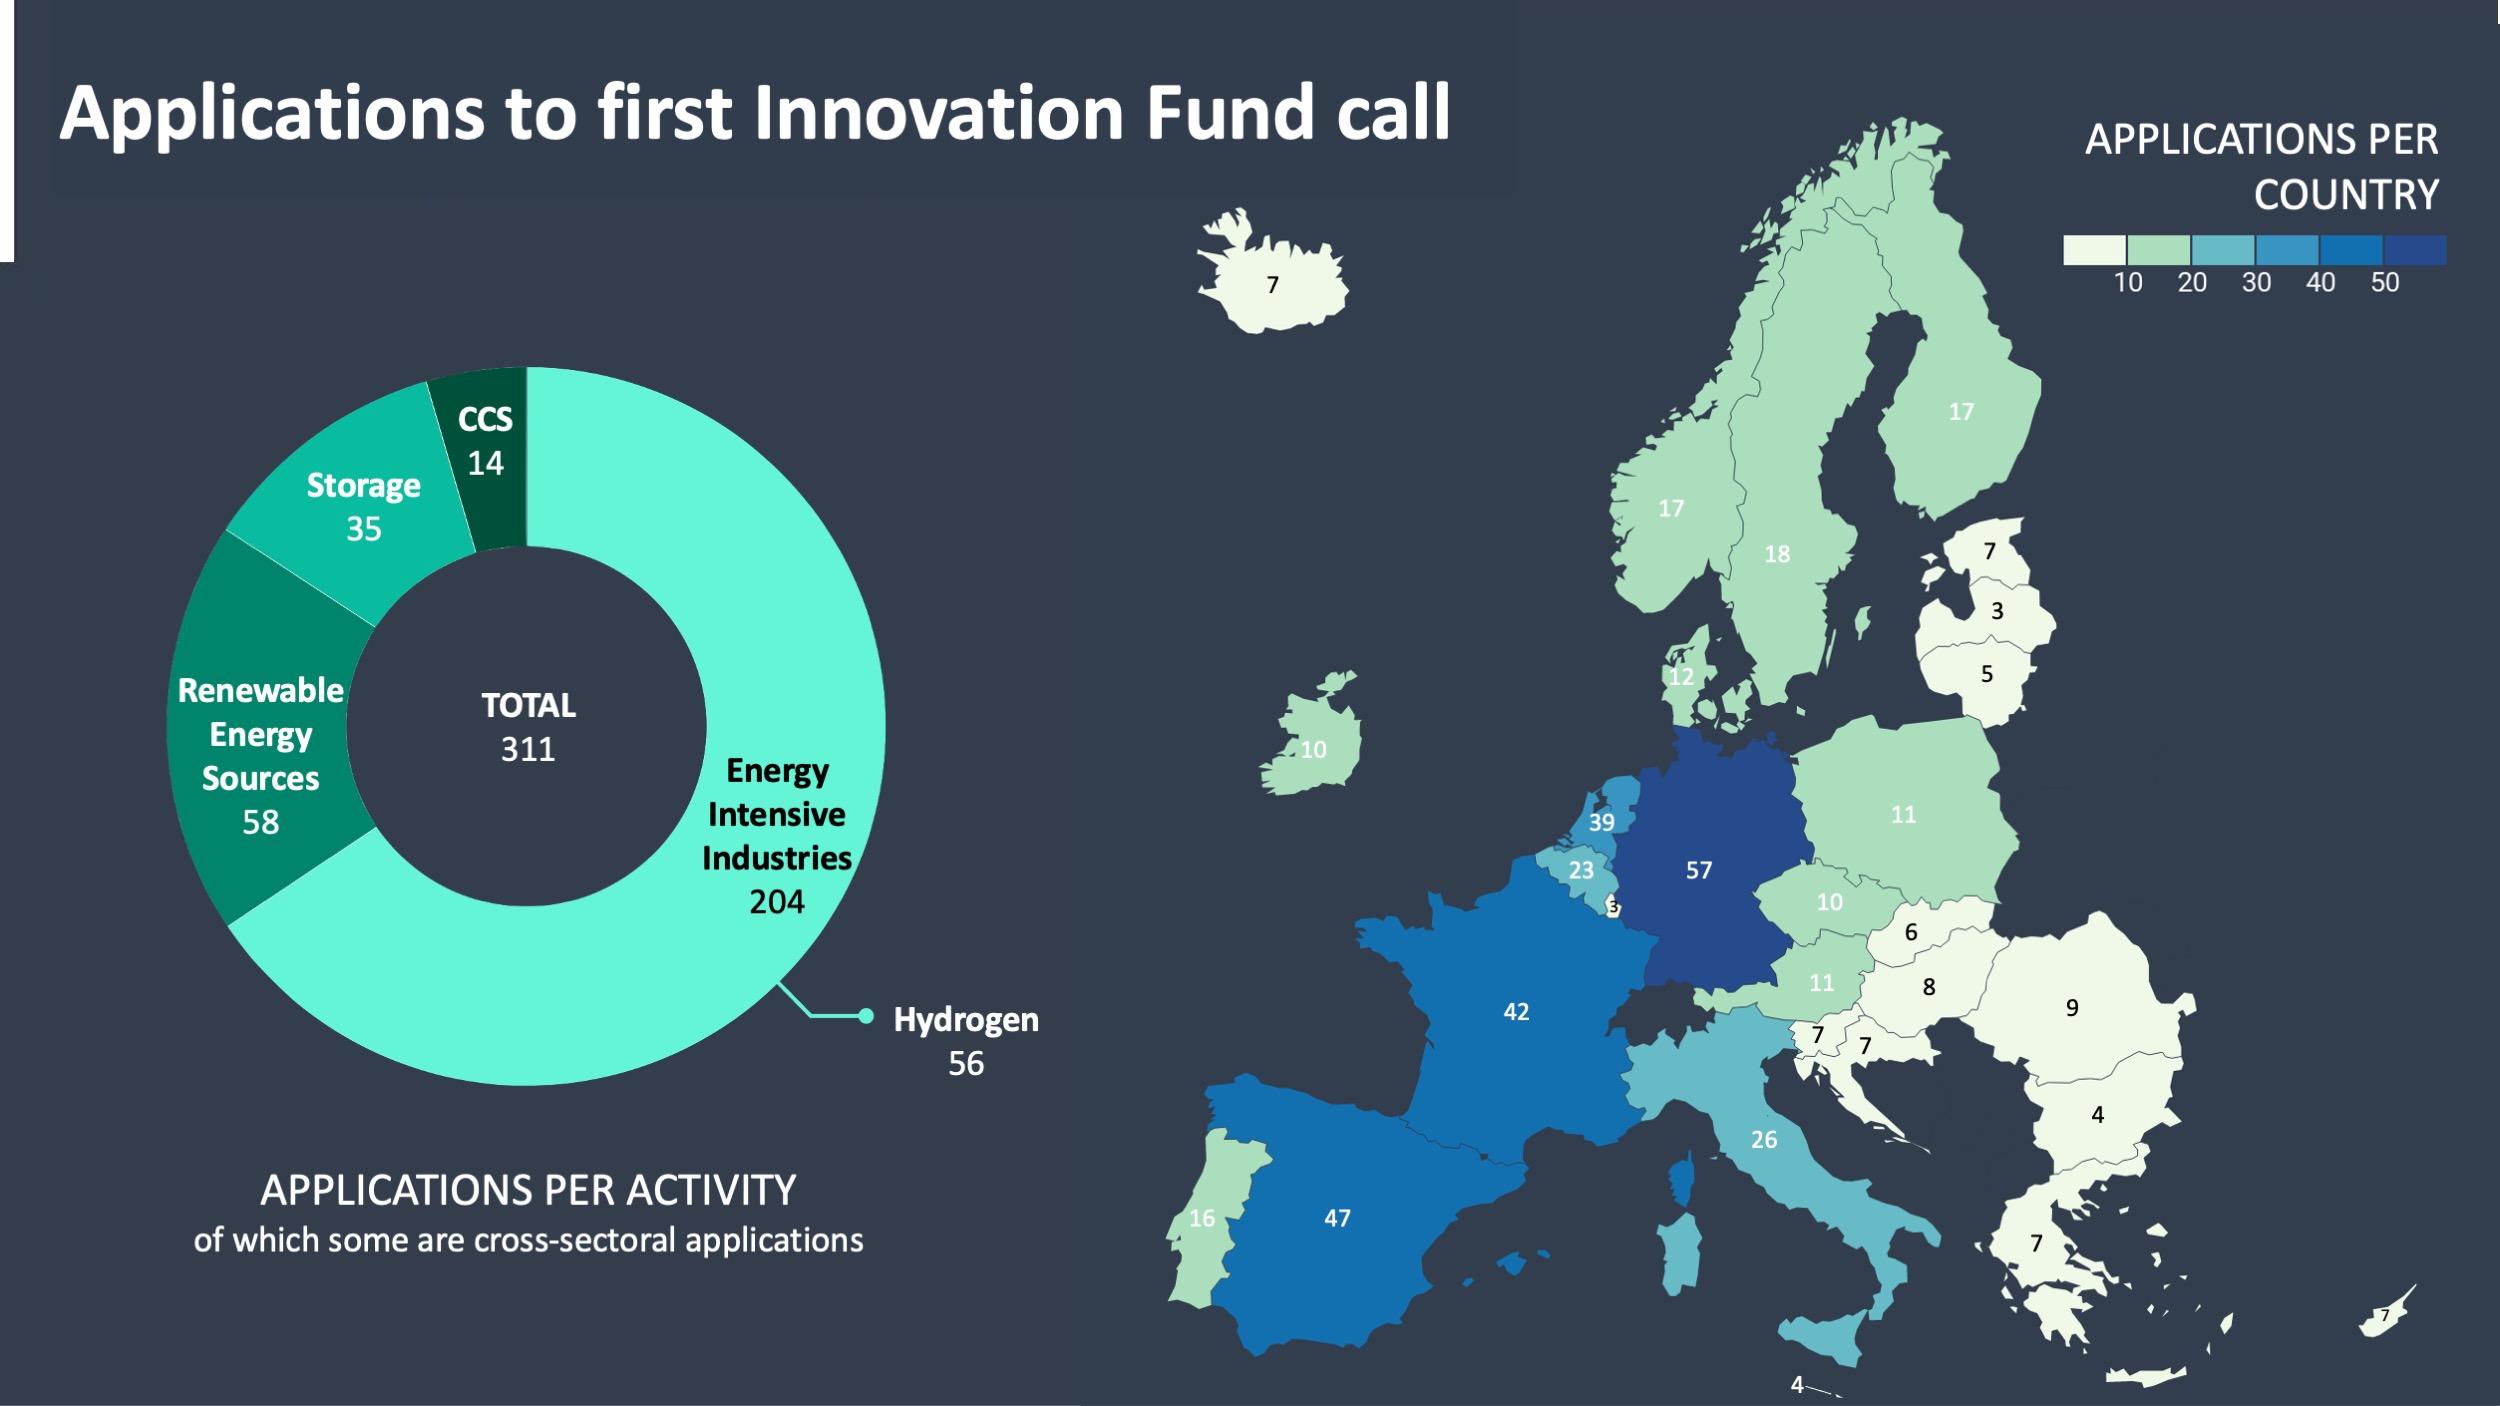 een-op-de-vijf-succesvolle-innovation-fund-aanvragen-ingediend-door-PNO